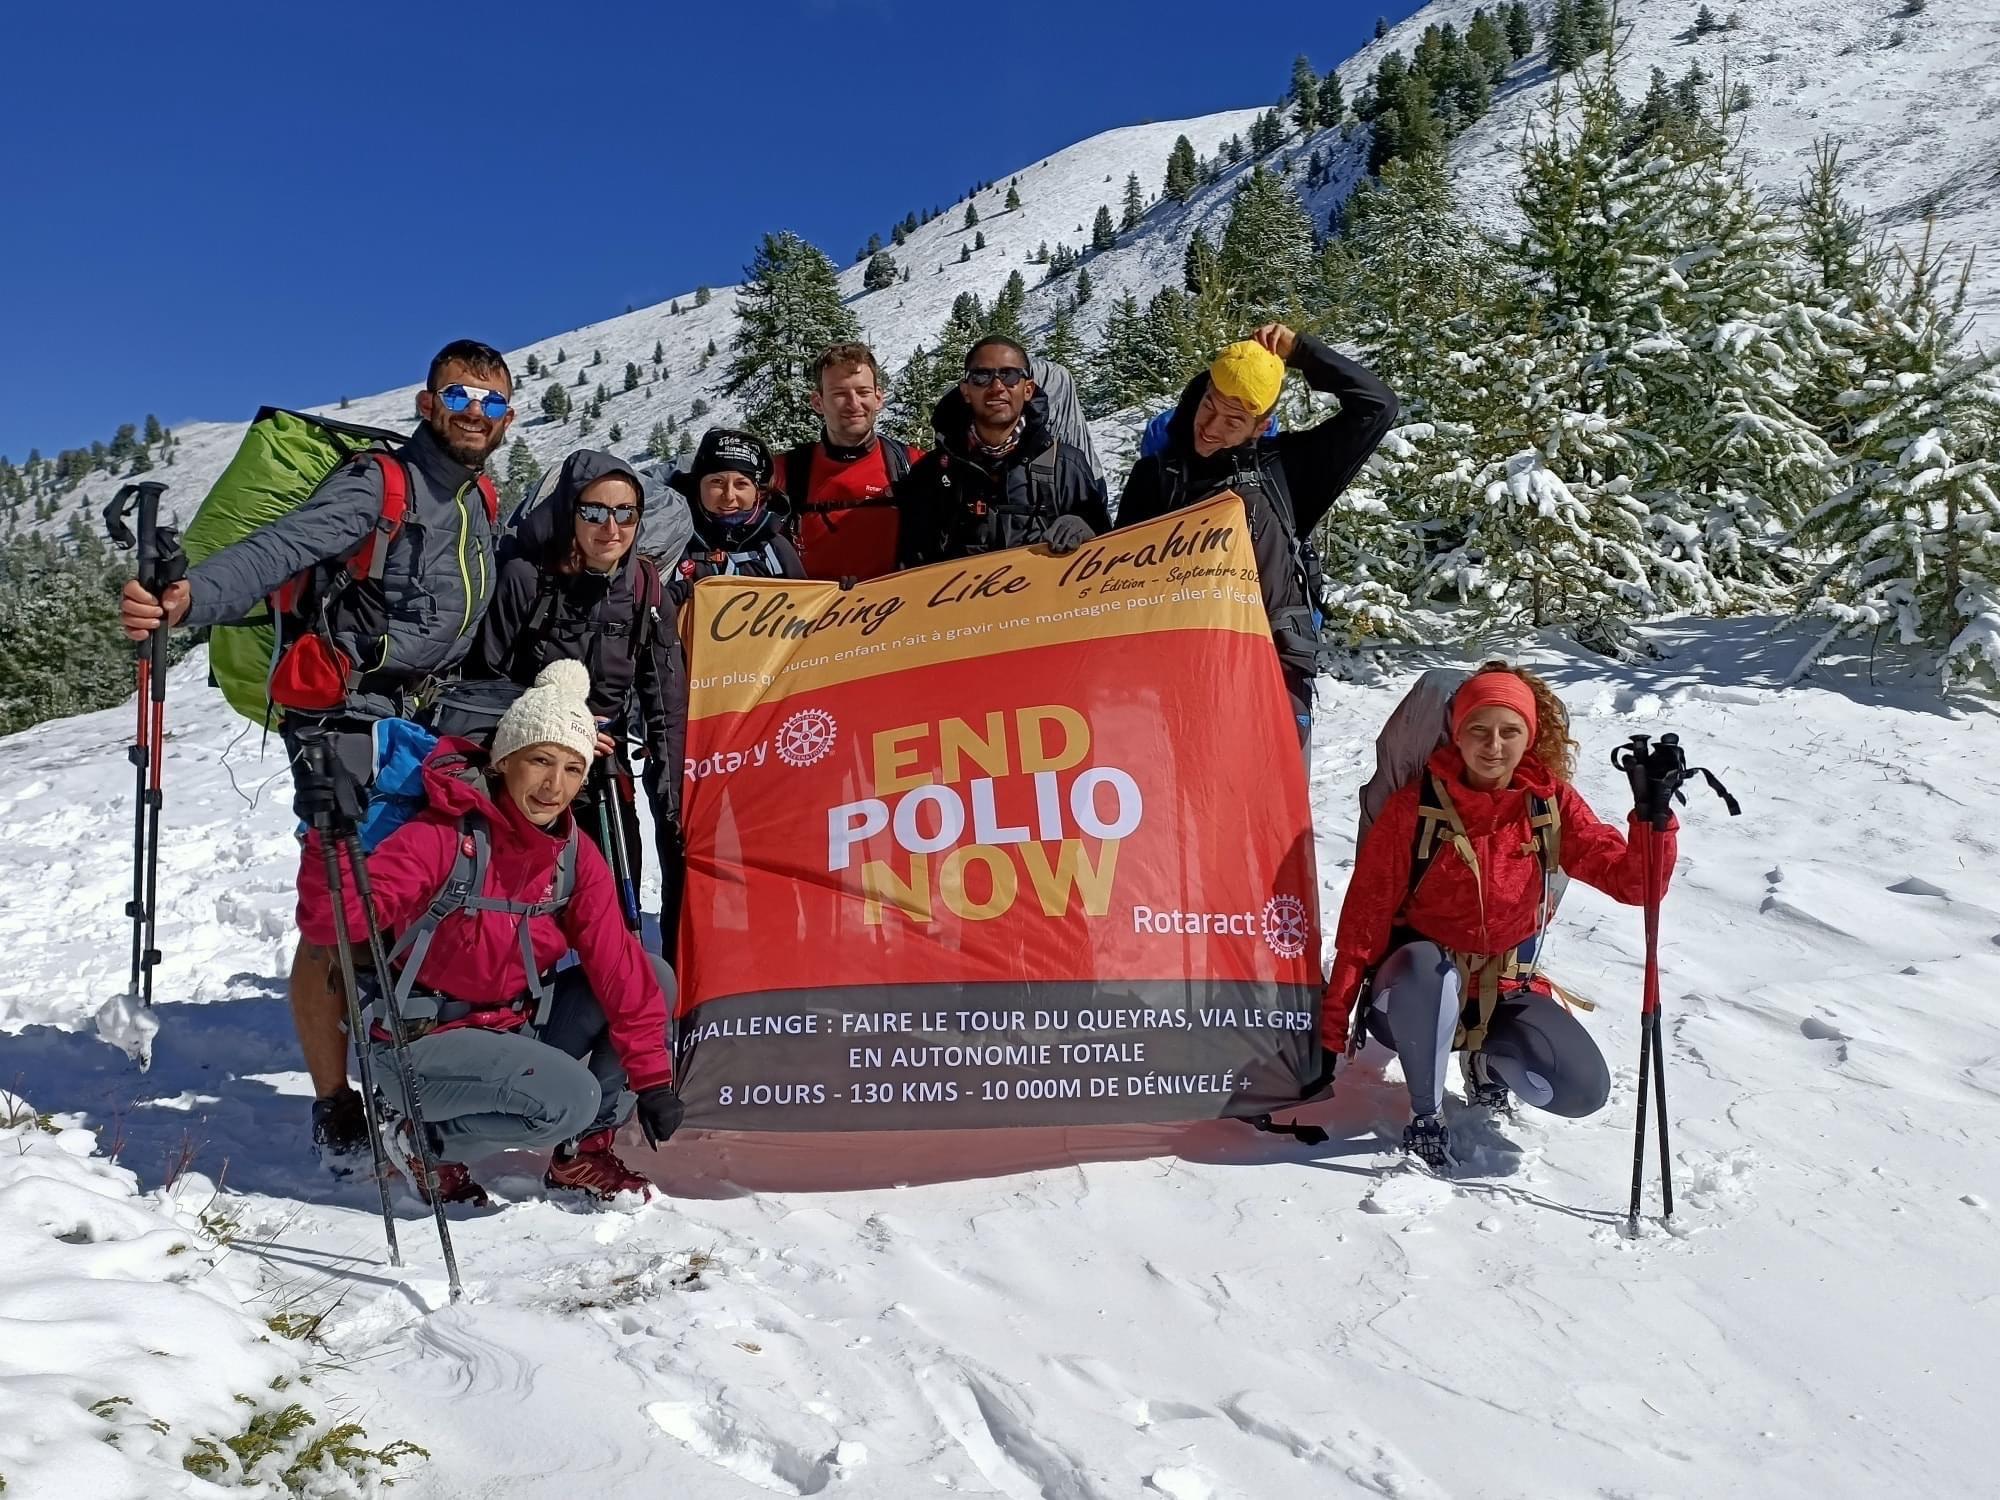 End Polio Now Photo